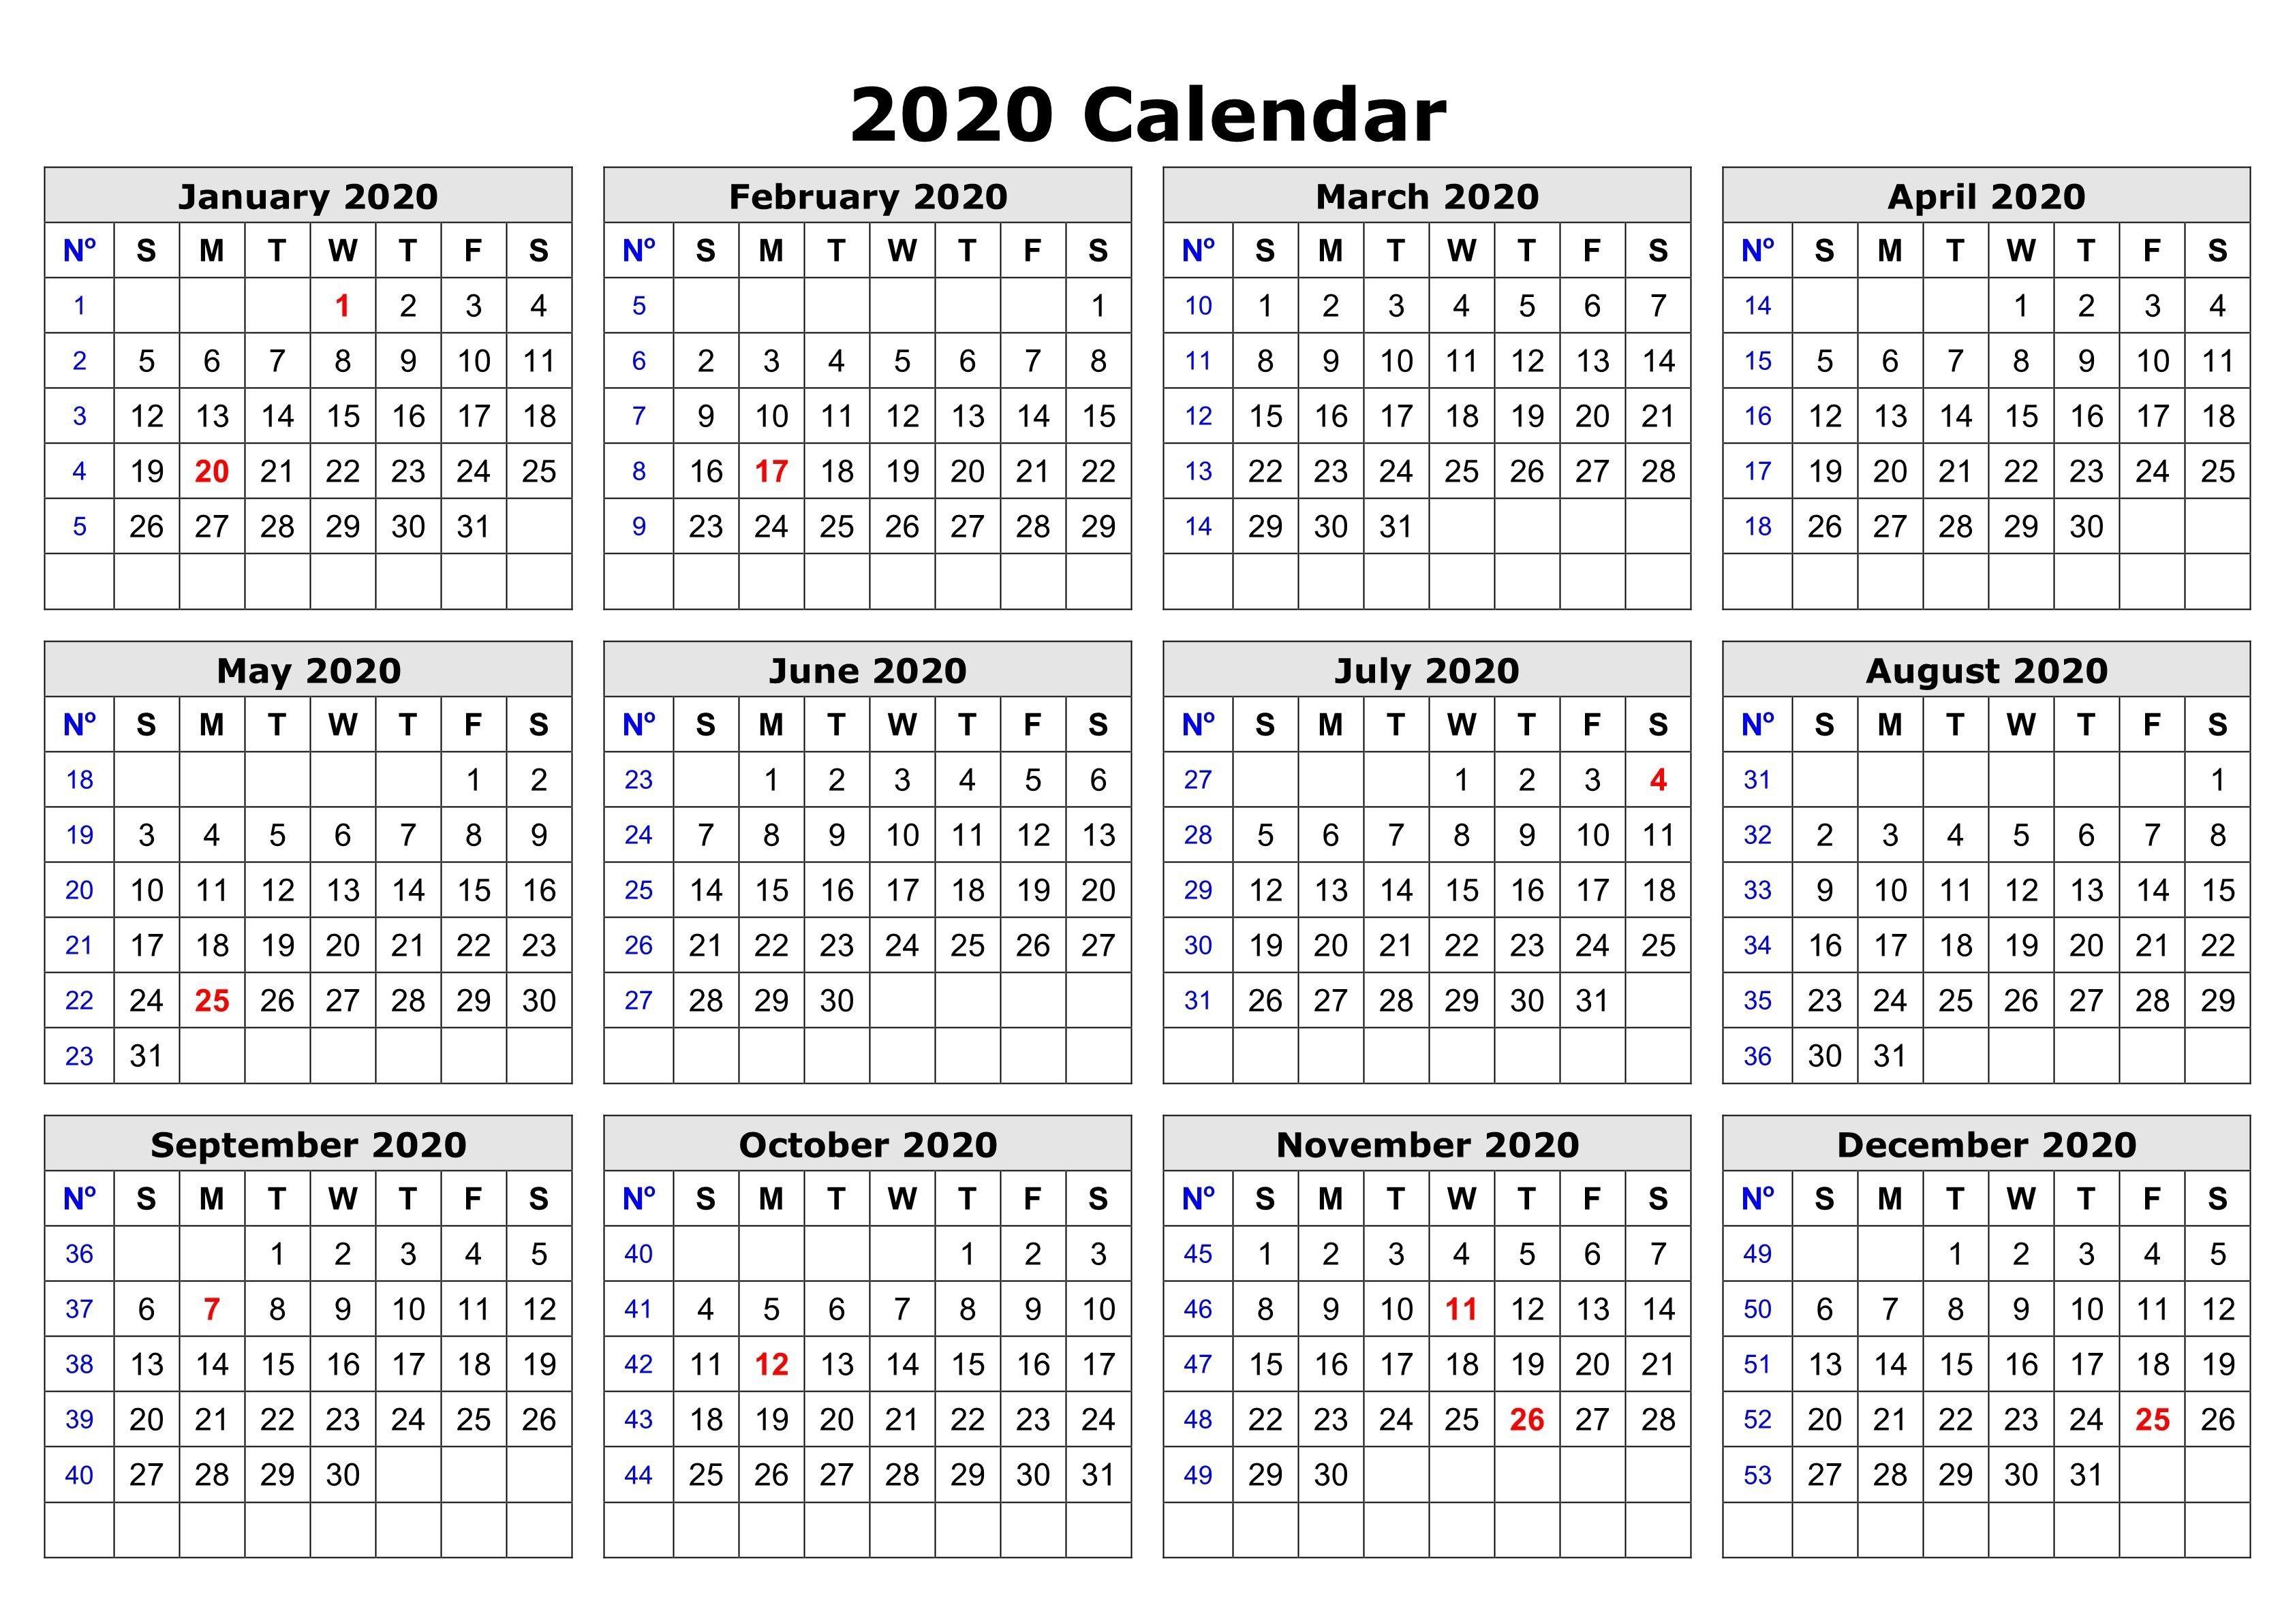 2020 E Page Calendar Printable Free January 2020 Printable within Printable 2020 Calander